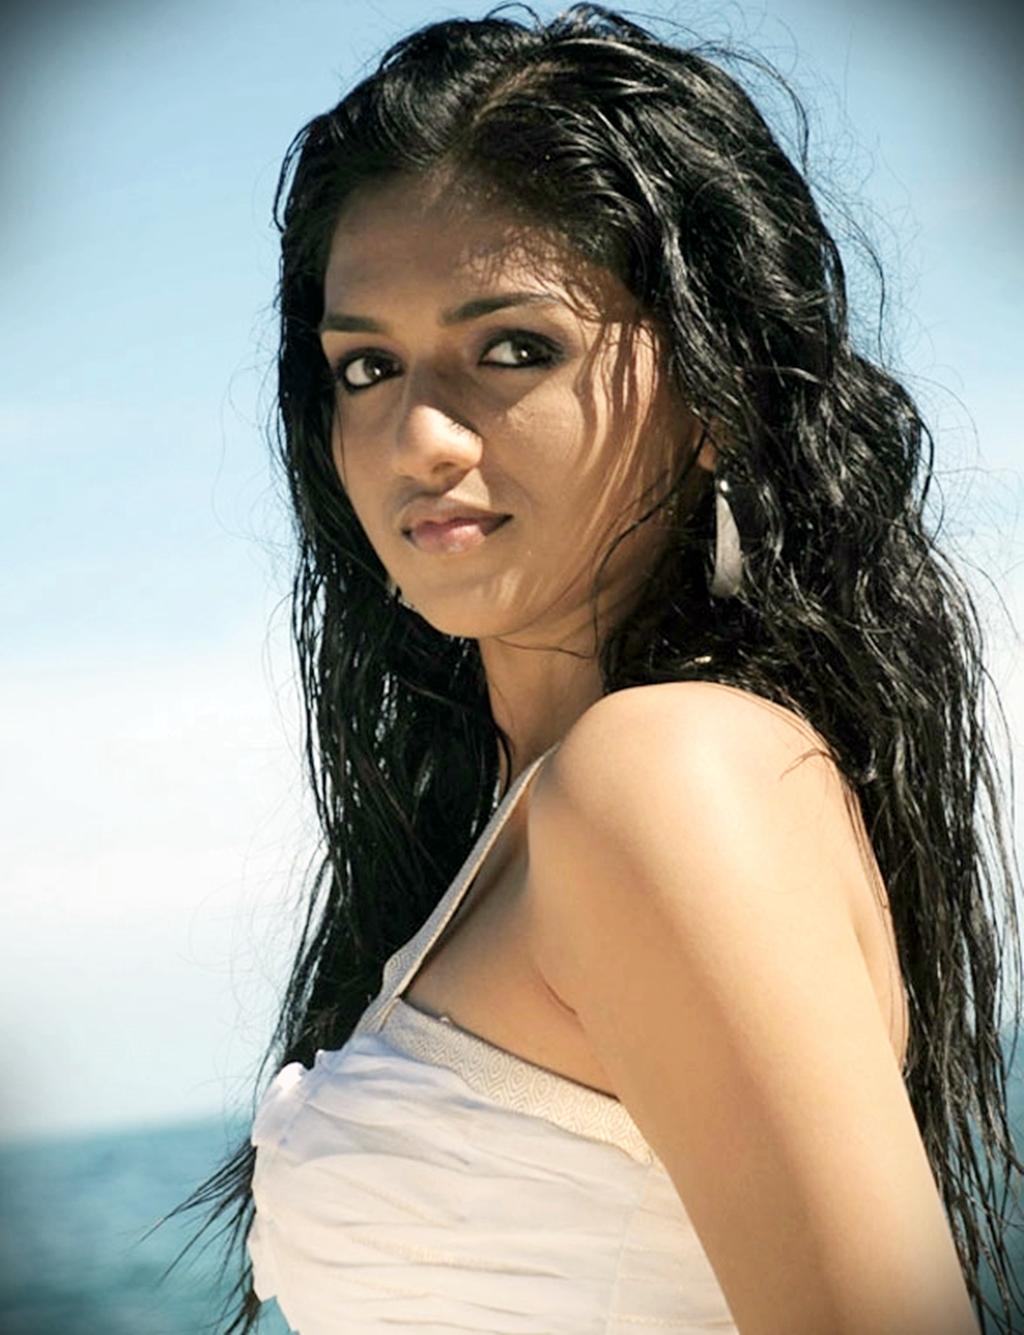 http://2.bp.blogspot.com/-AQmScdNIttc/TvueBF-kEEI/AAAAAAAAF1Q/VOjl9Hga6Fc/s1600/sunainahotphotos02.jpg